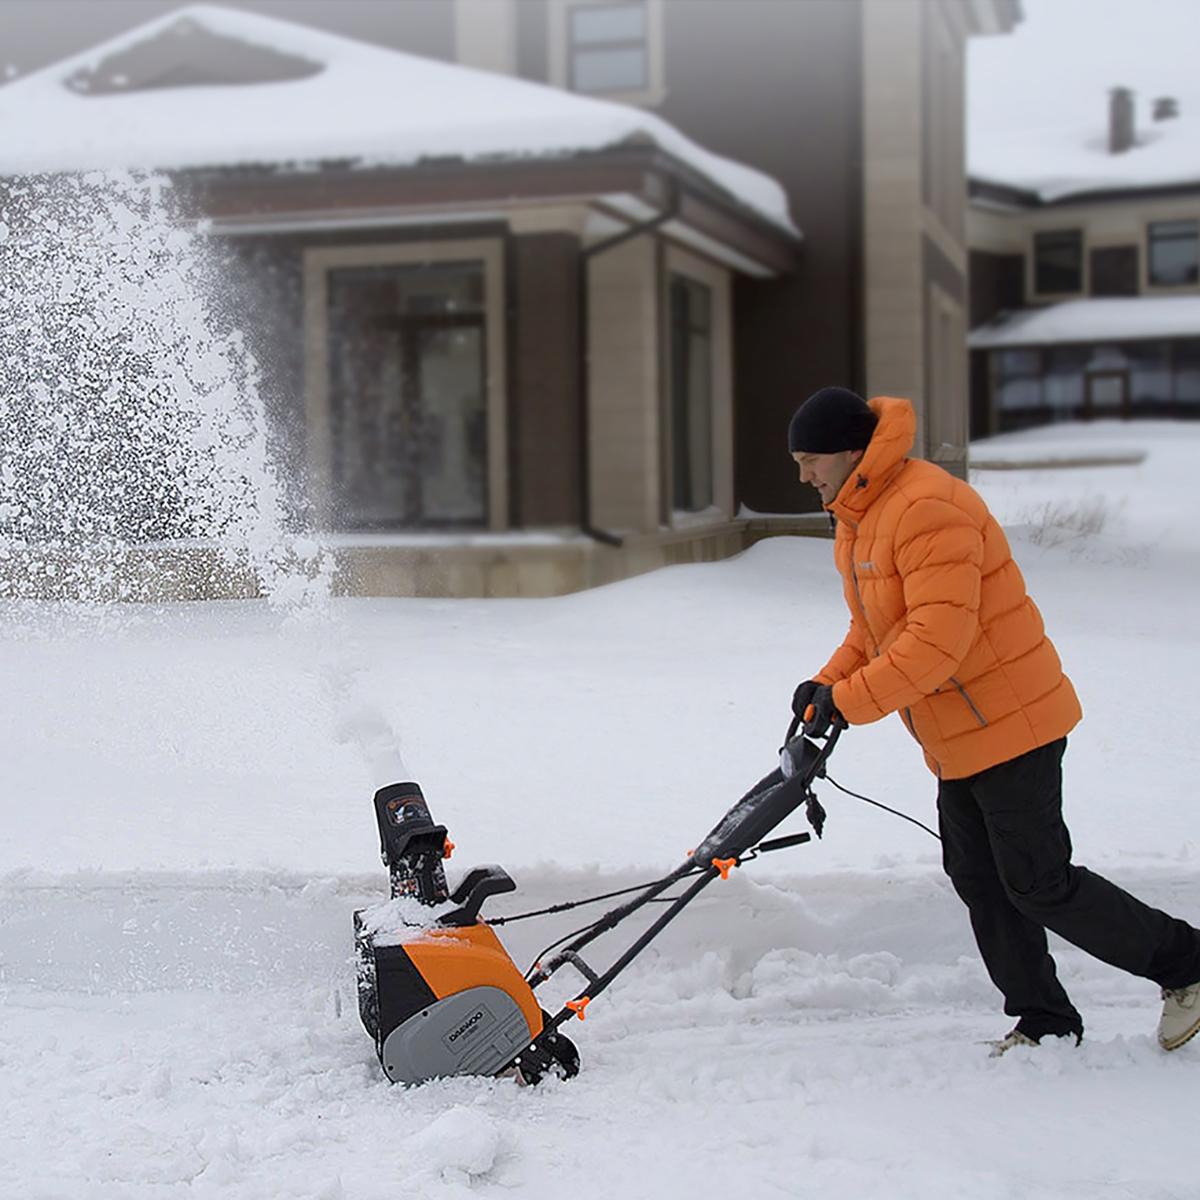 Снегоуборочный аппарат для дачи или дома: как выбрать лучший, рейтинг популярных моделей - электрических и бензиновых, самоходных и ручных, их плюсы и минусы